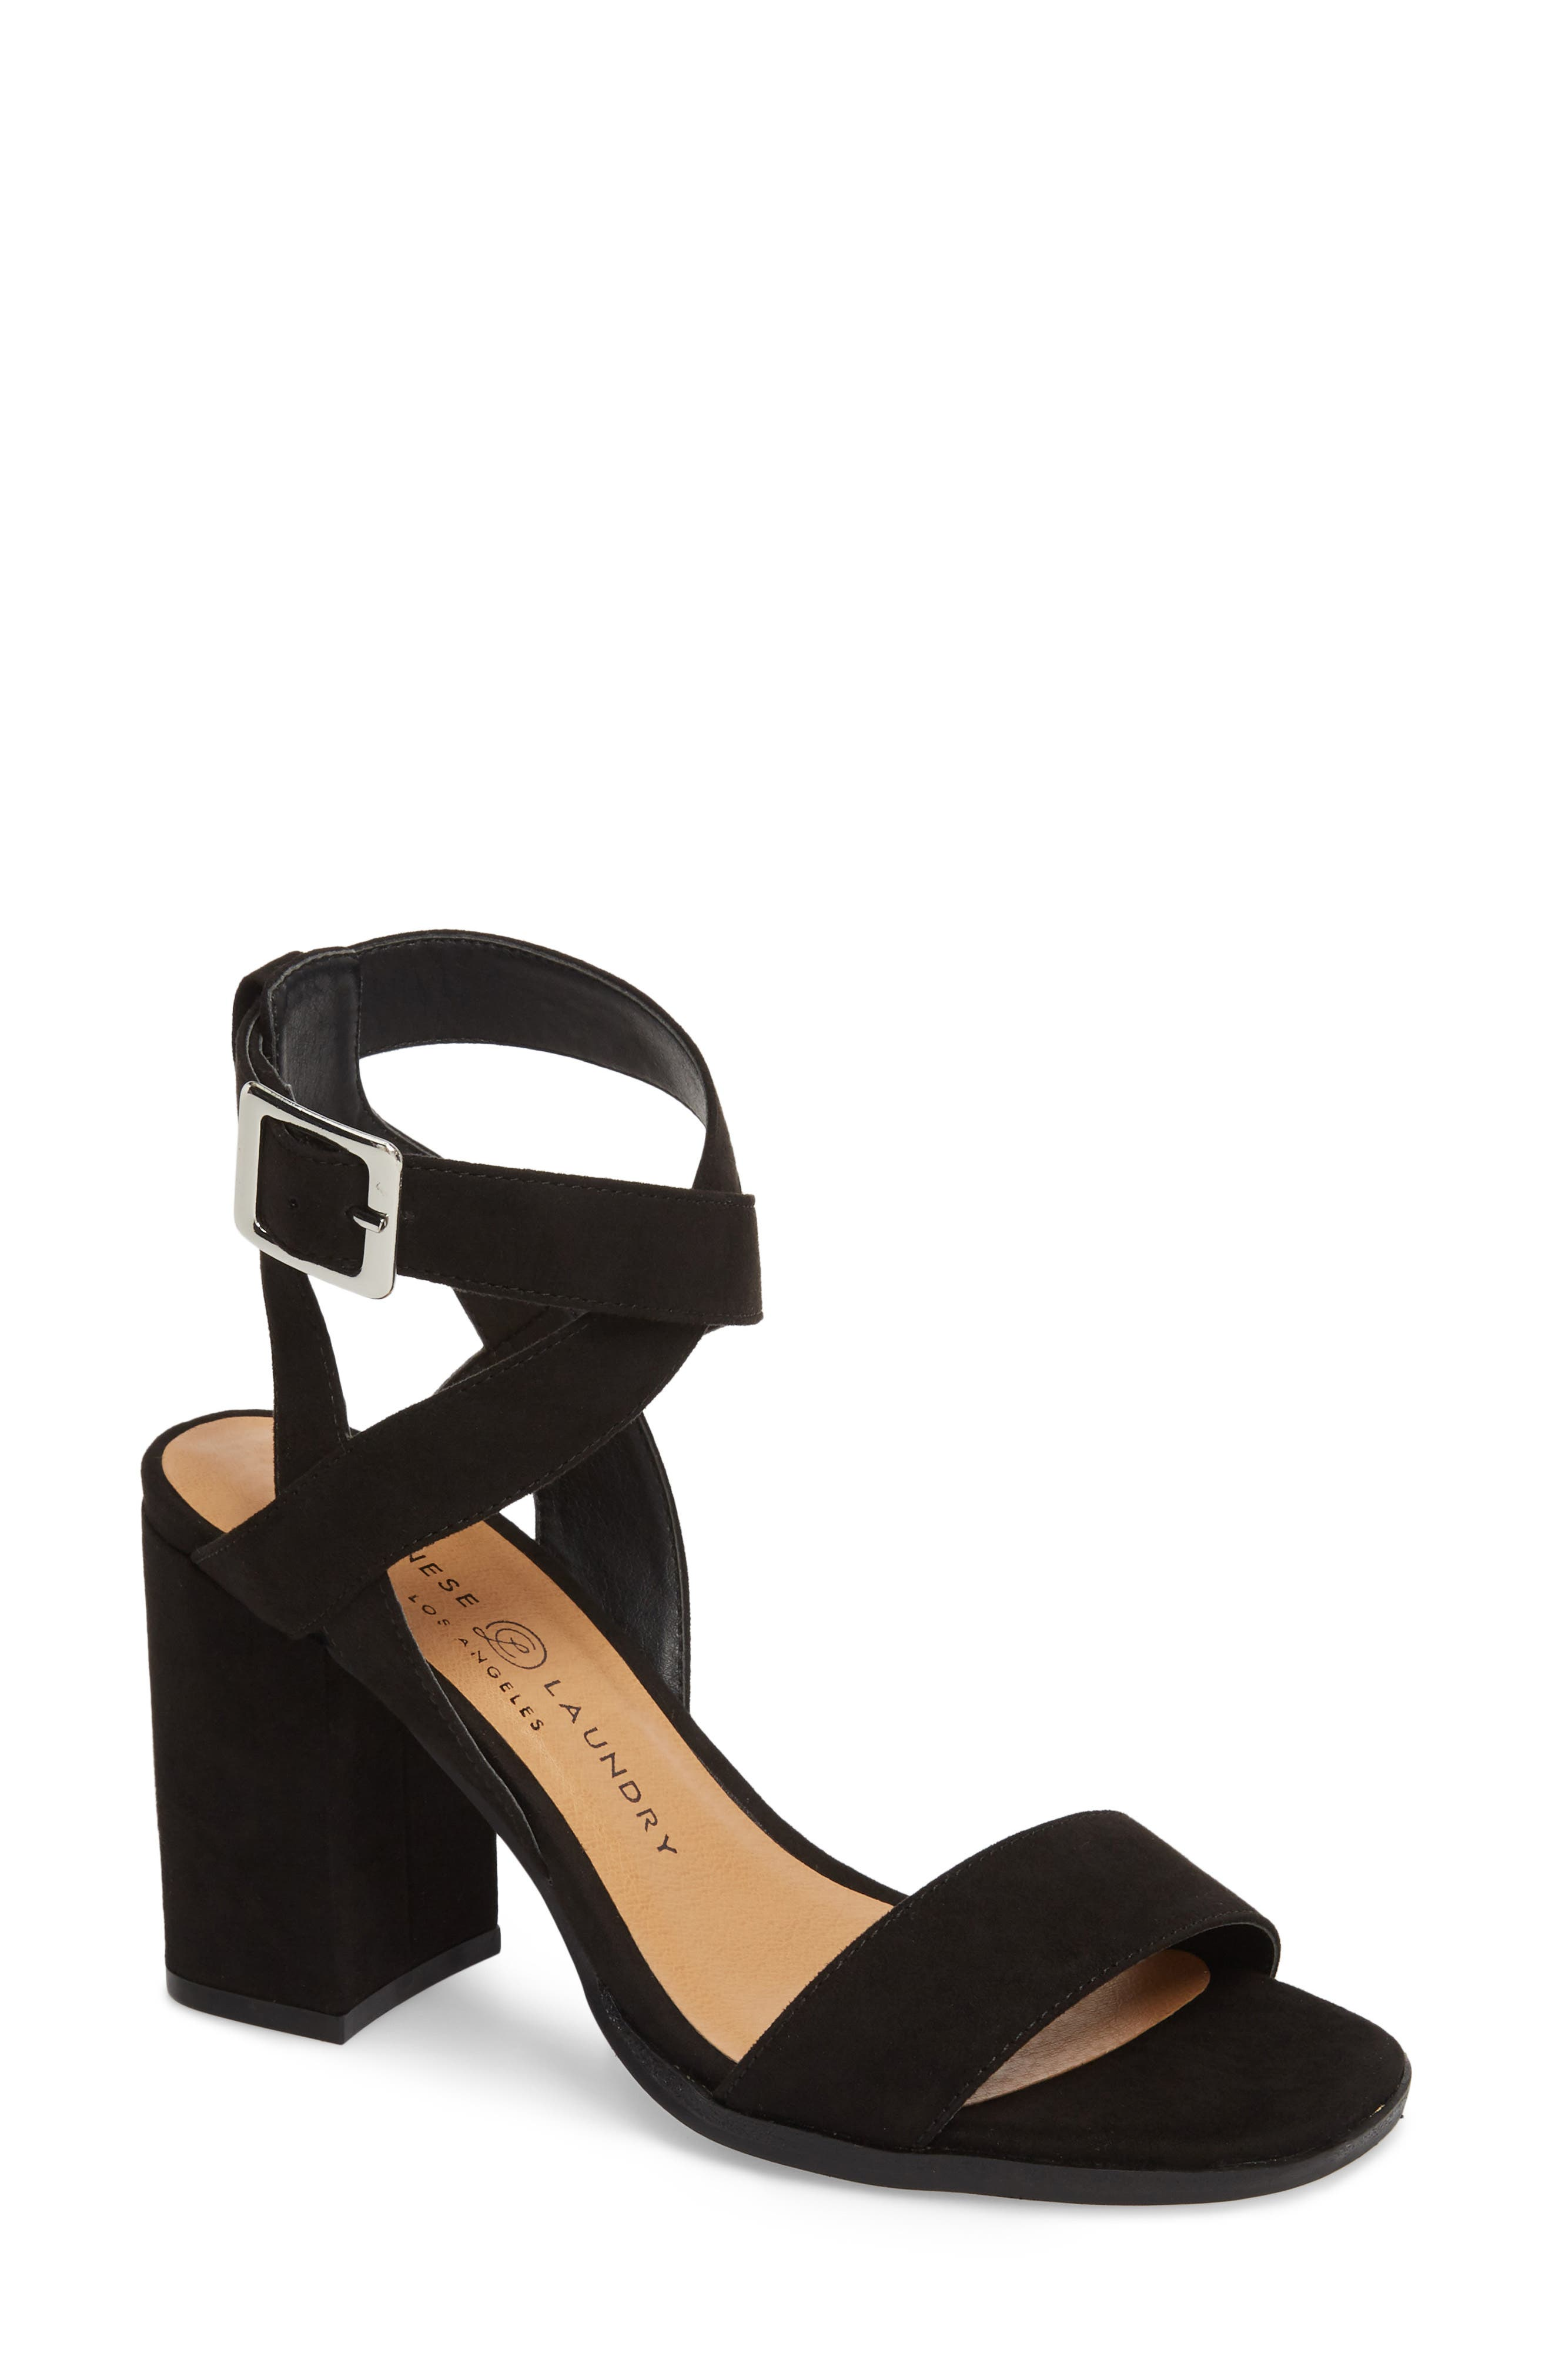 Stassi Block Heel Sandal,                         Main,                         color, Black